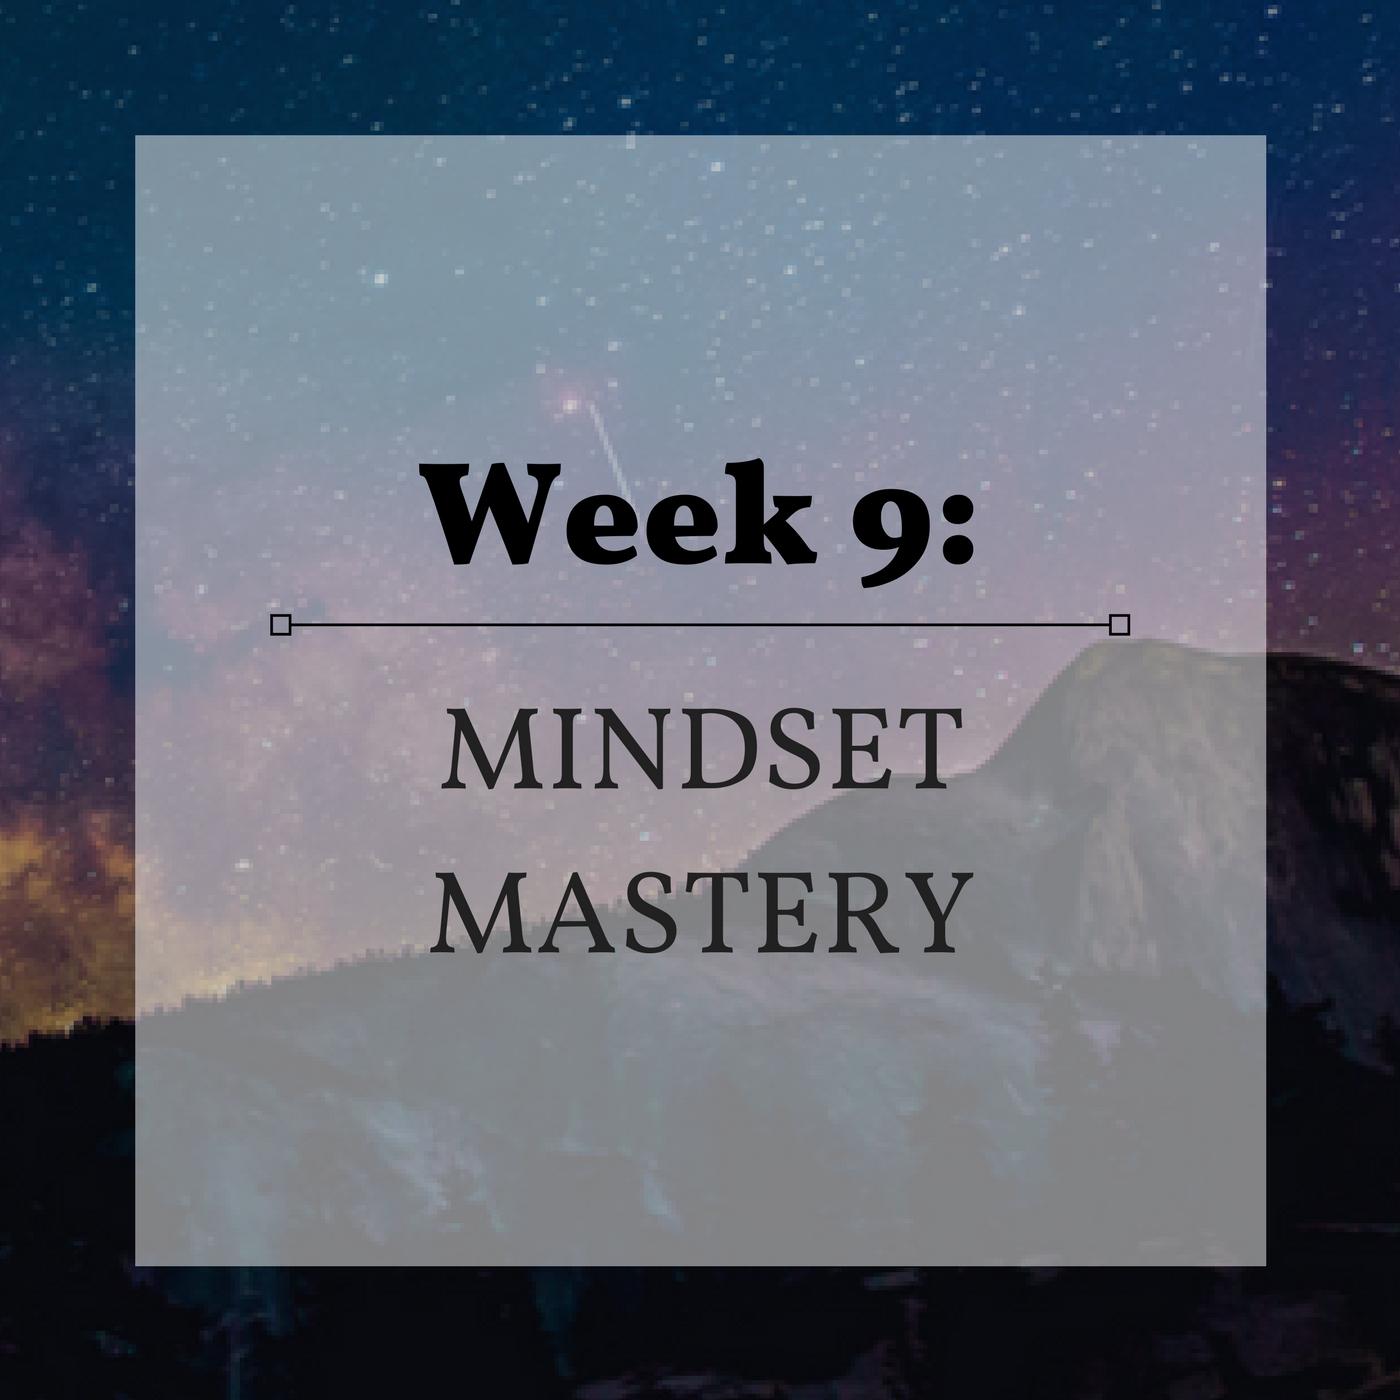 Week 9 Mindset Mastery